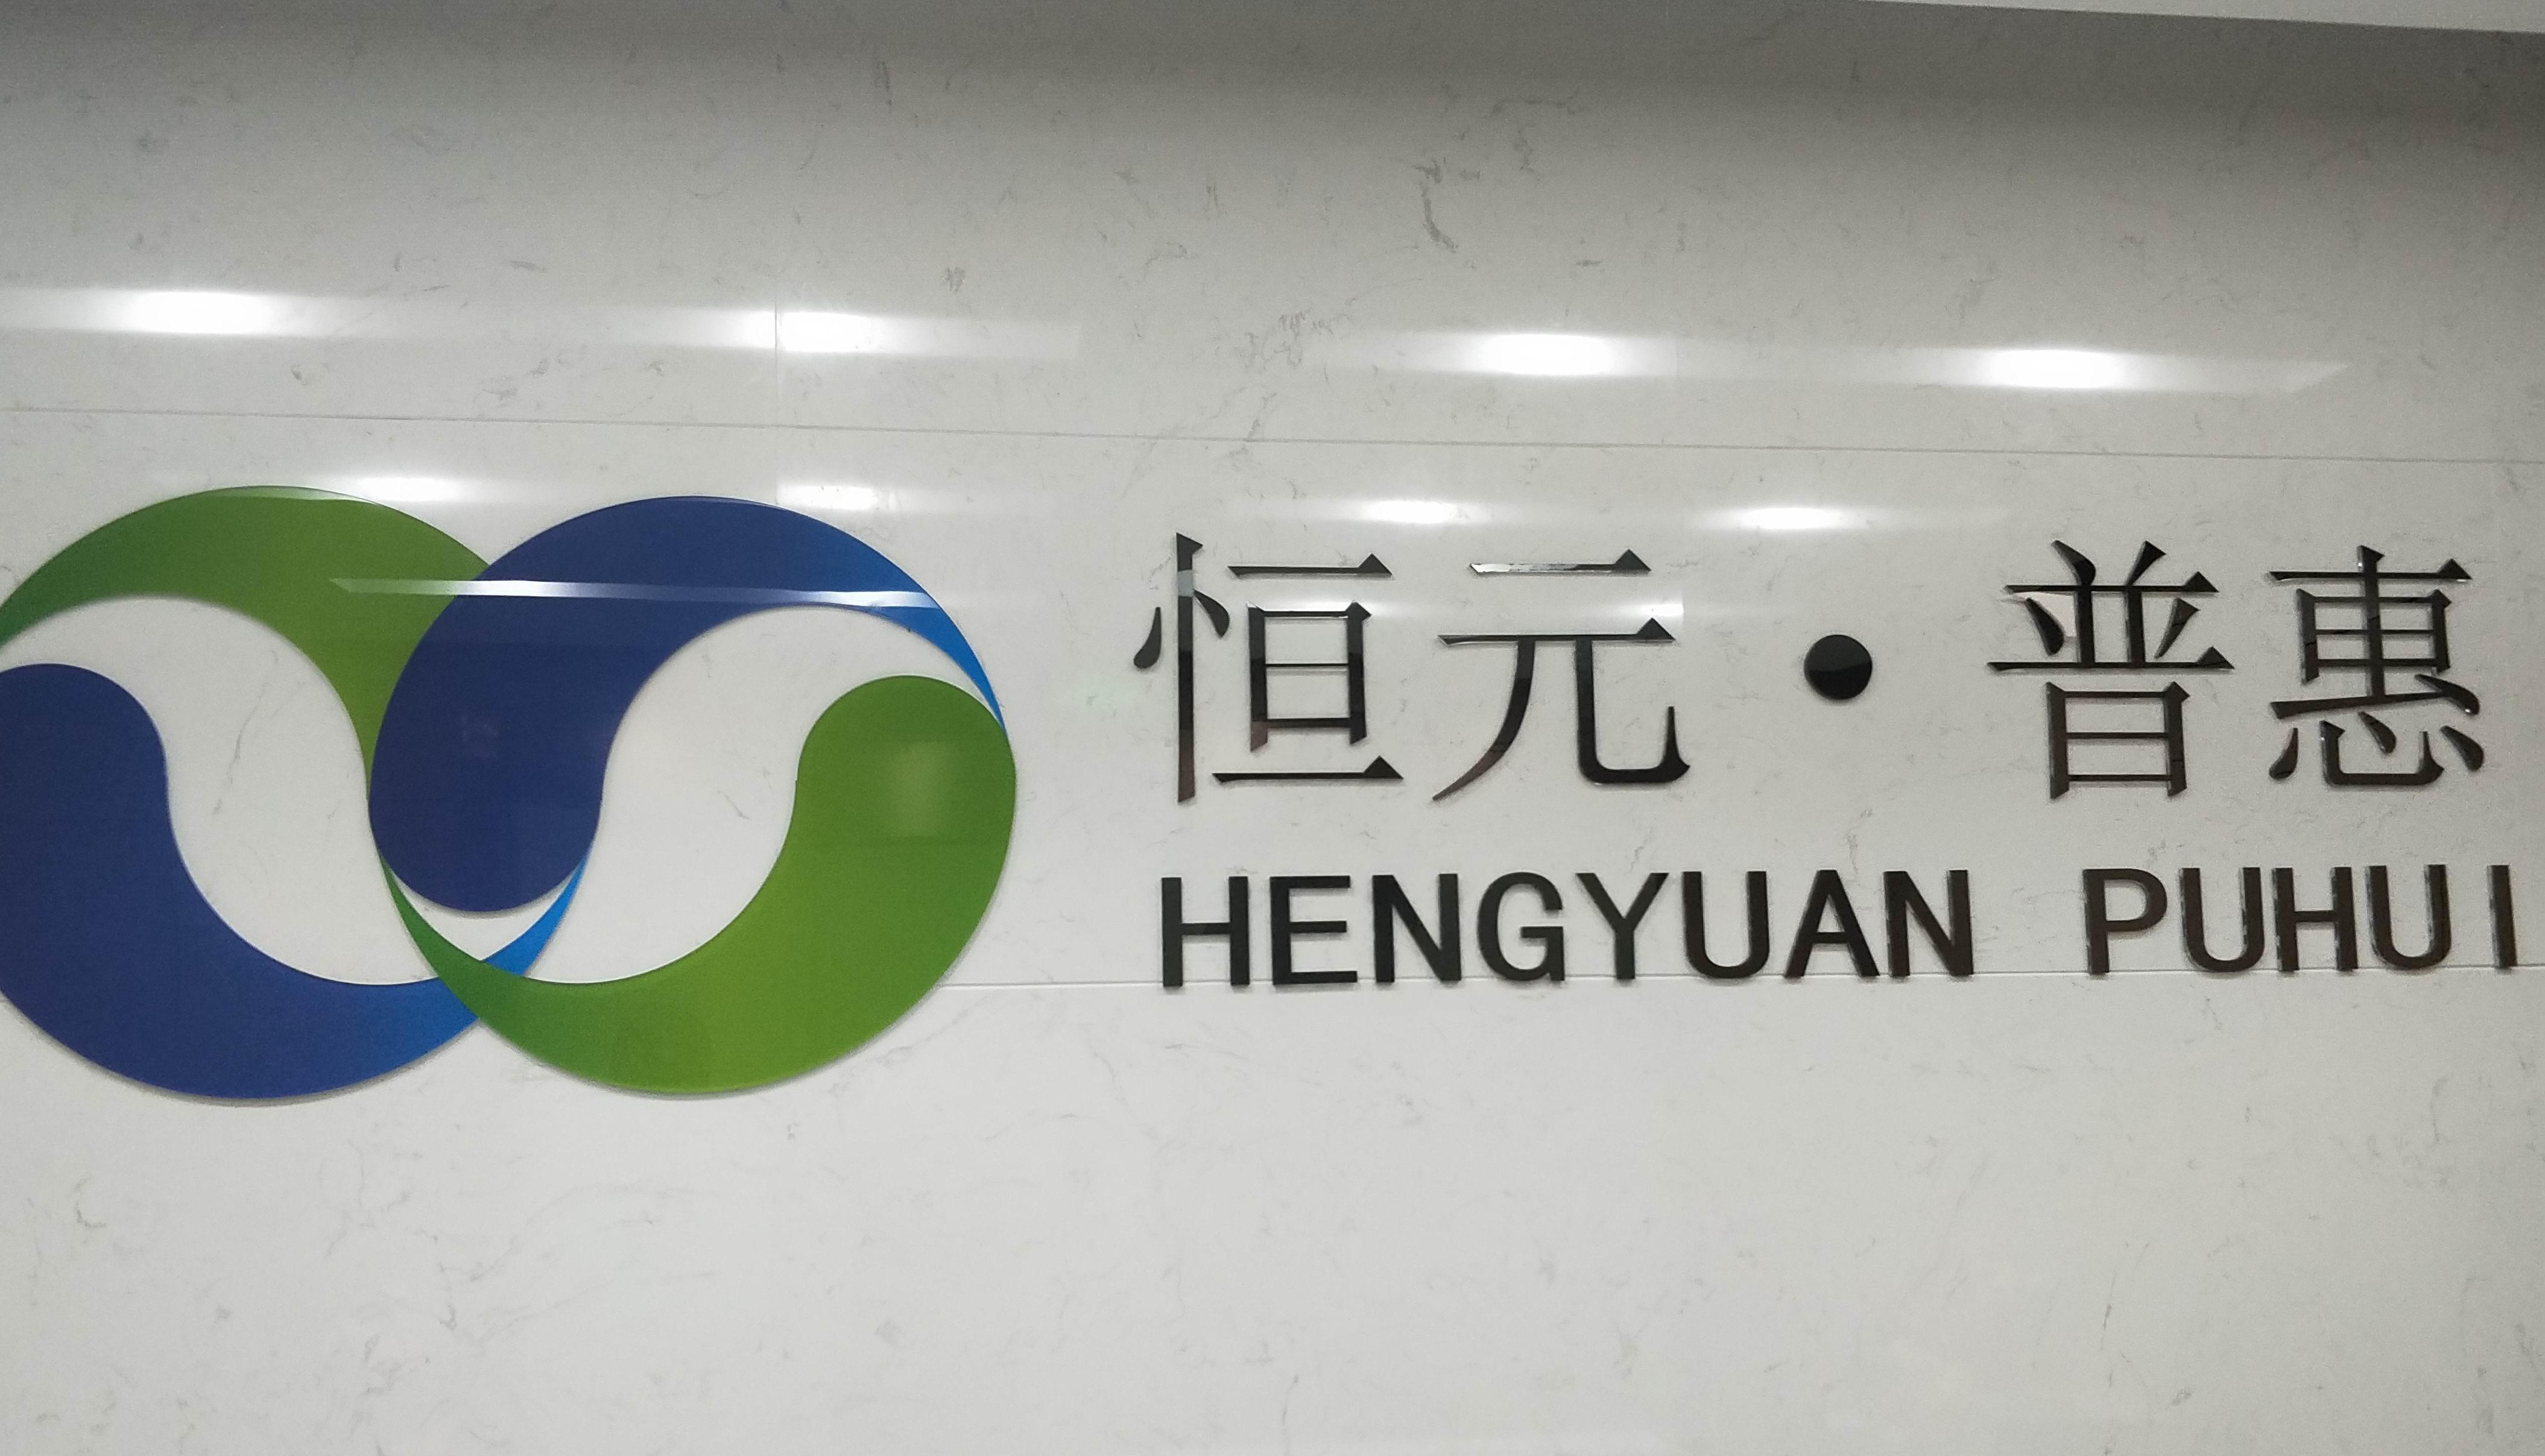 武�h恒元普惠科技有限公司logo